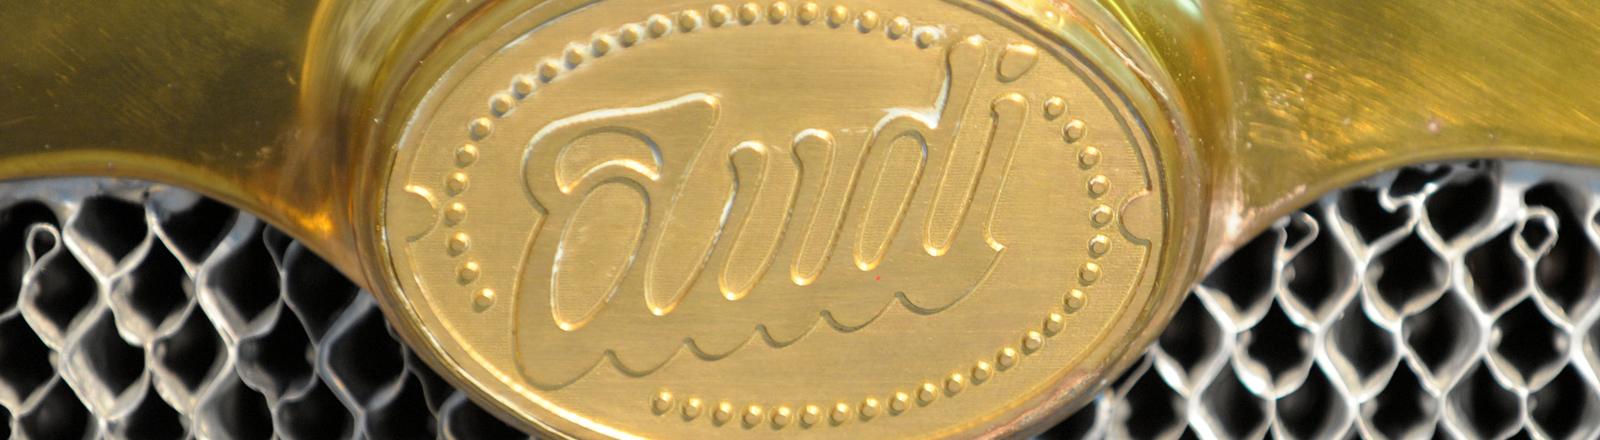 Das Audio-Logo auf dem Kühler eines historischen Mobils.